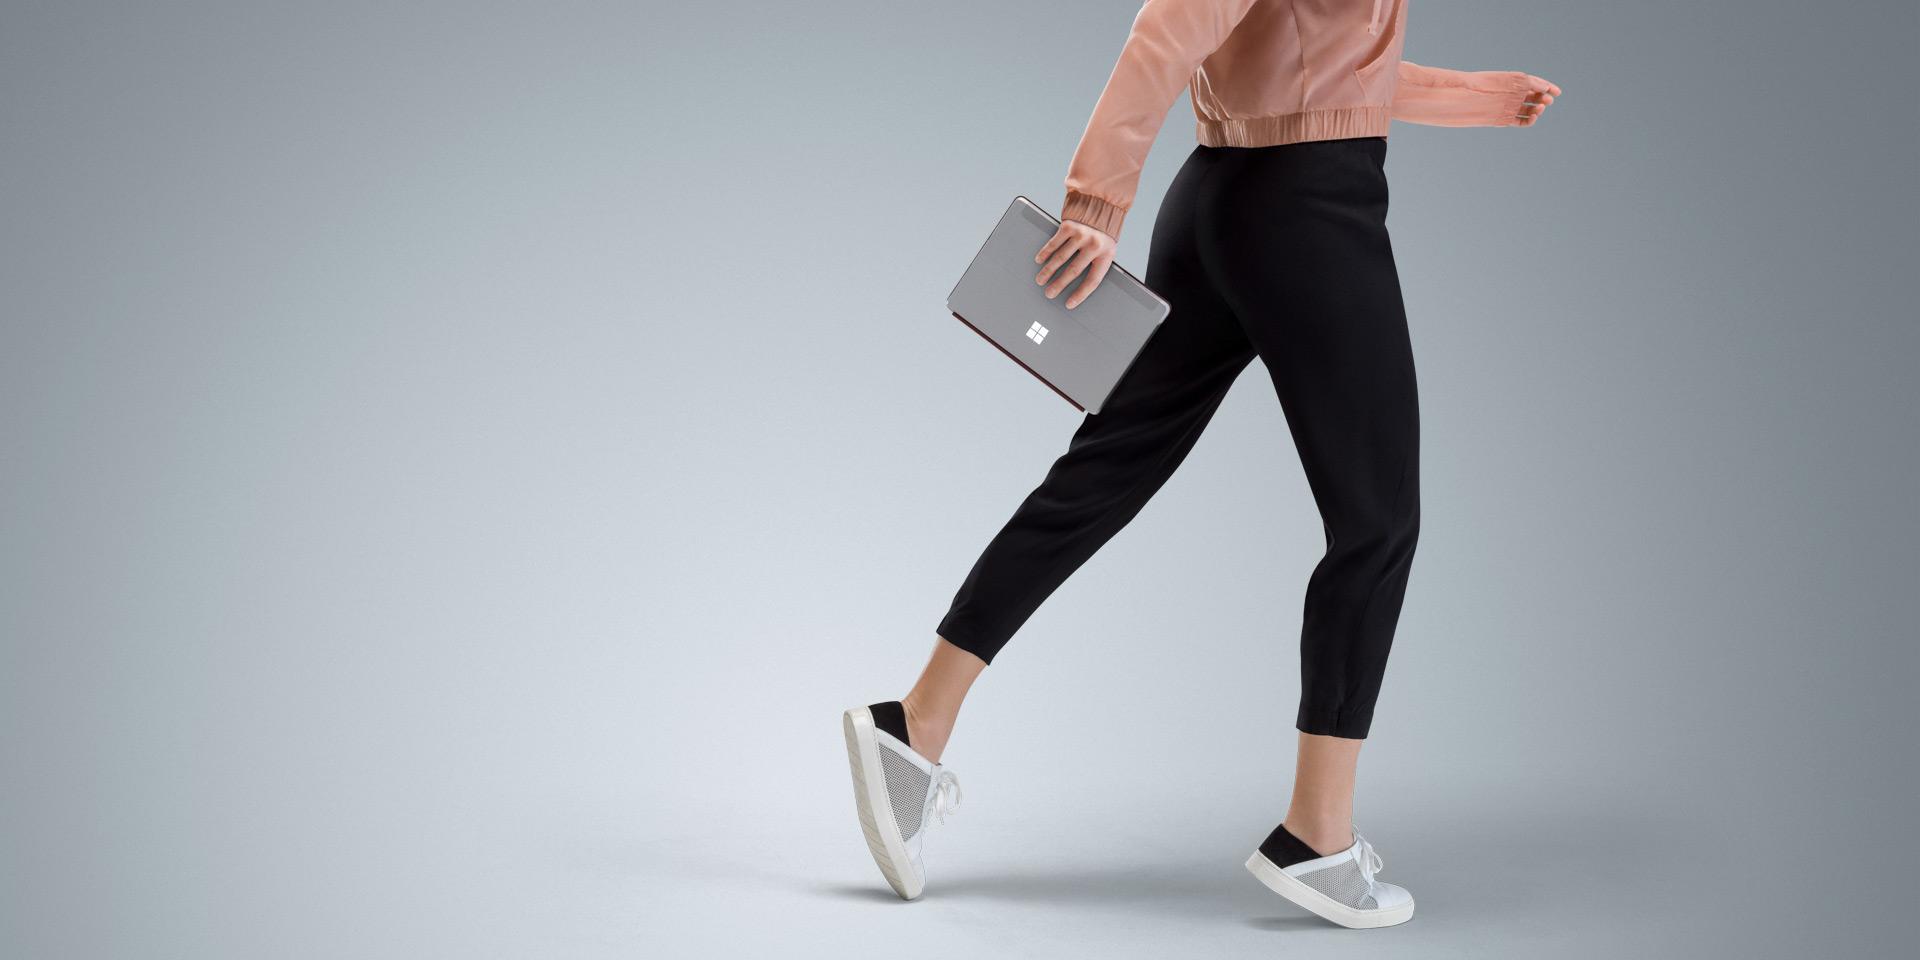 جهاز Surface Go في يد امرأة أثناء مشيها